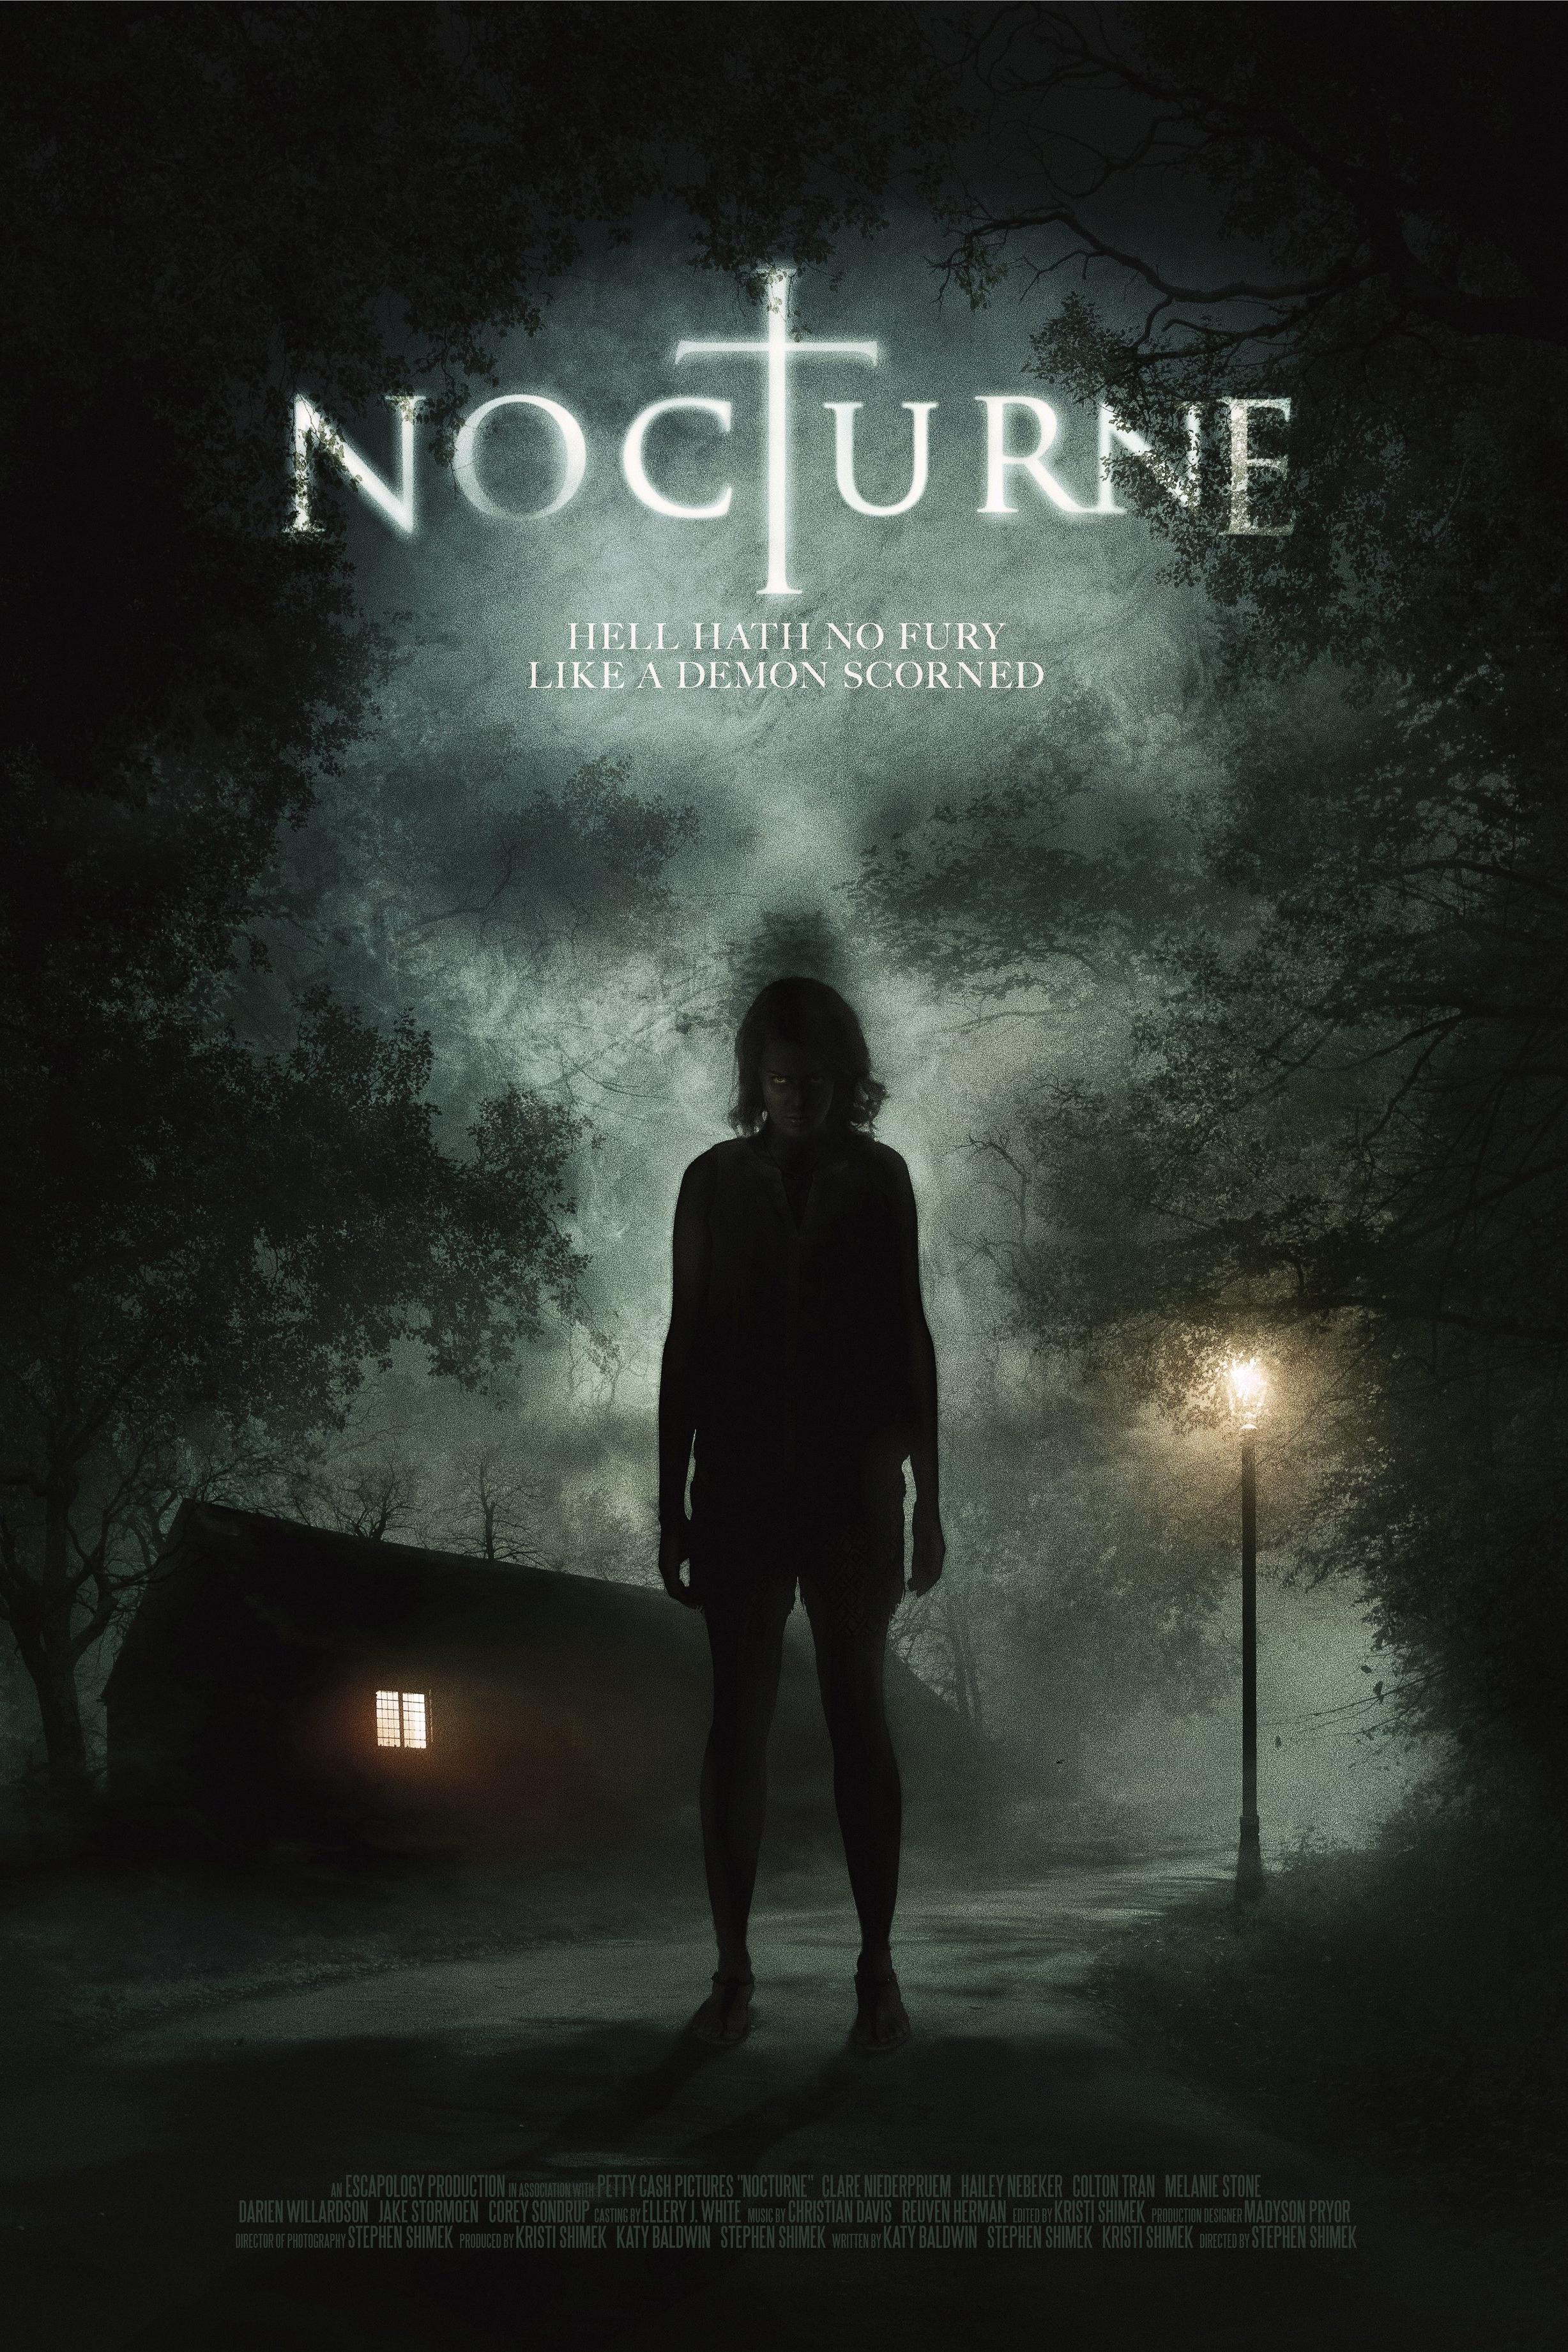 NocturnePoster.jpg